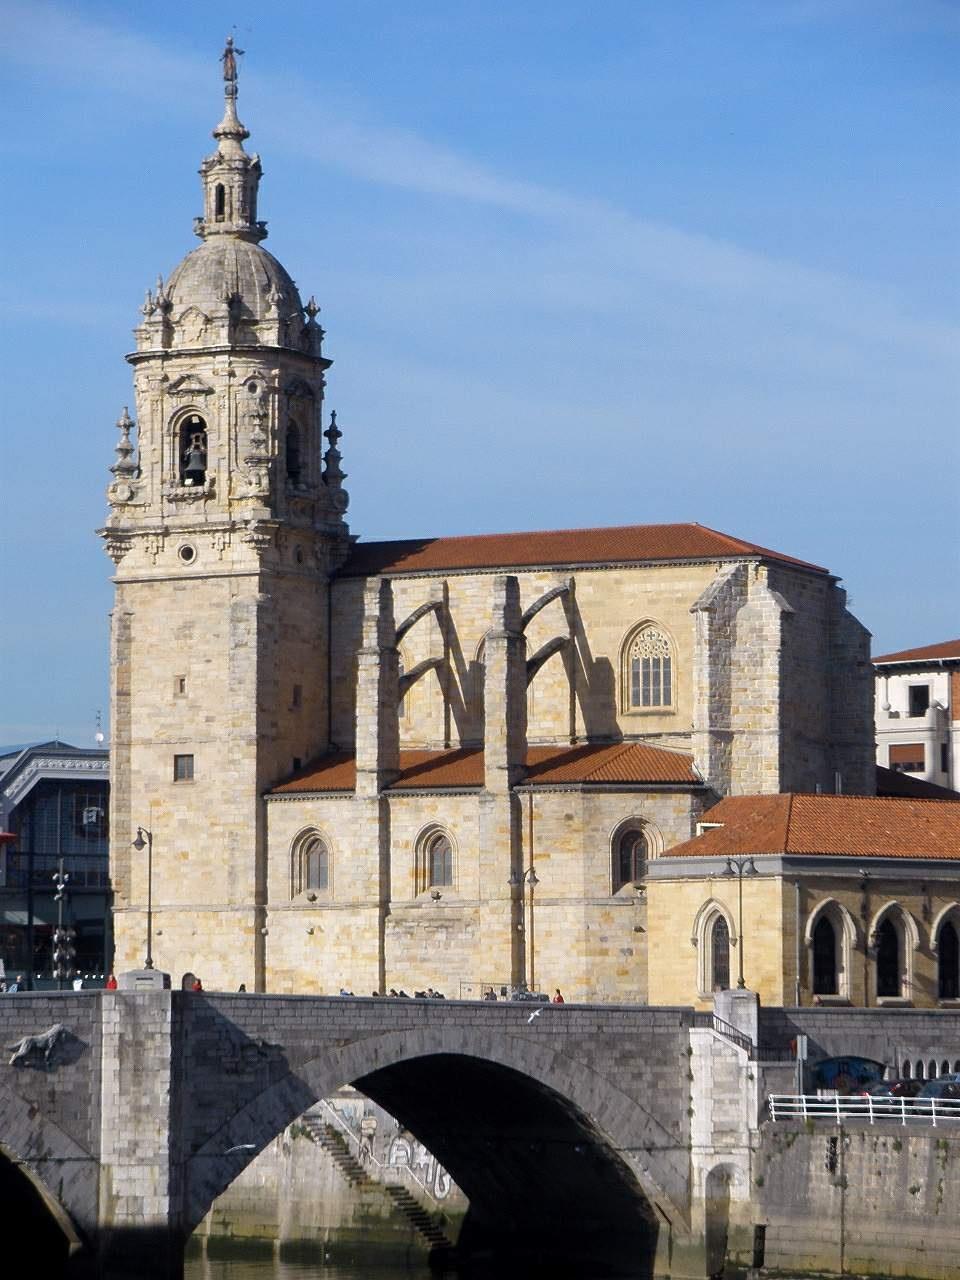 Free-Tour-Bilbao-Old-Town-2